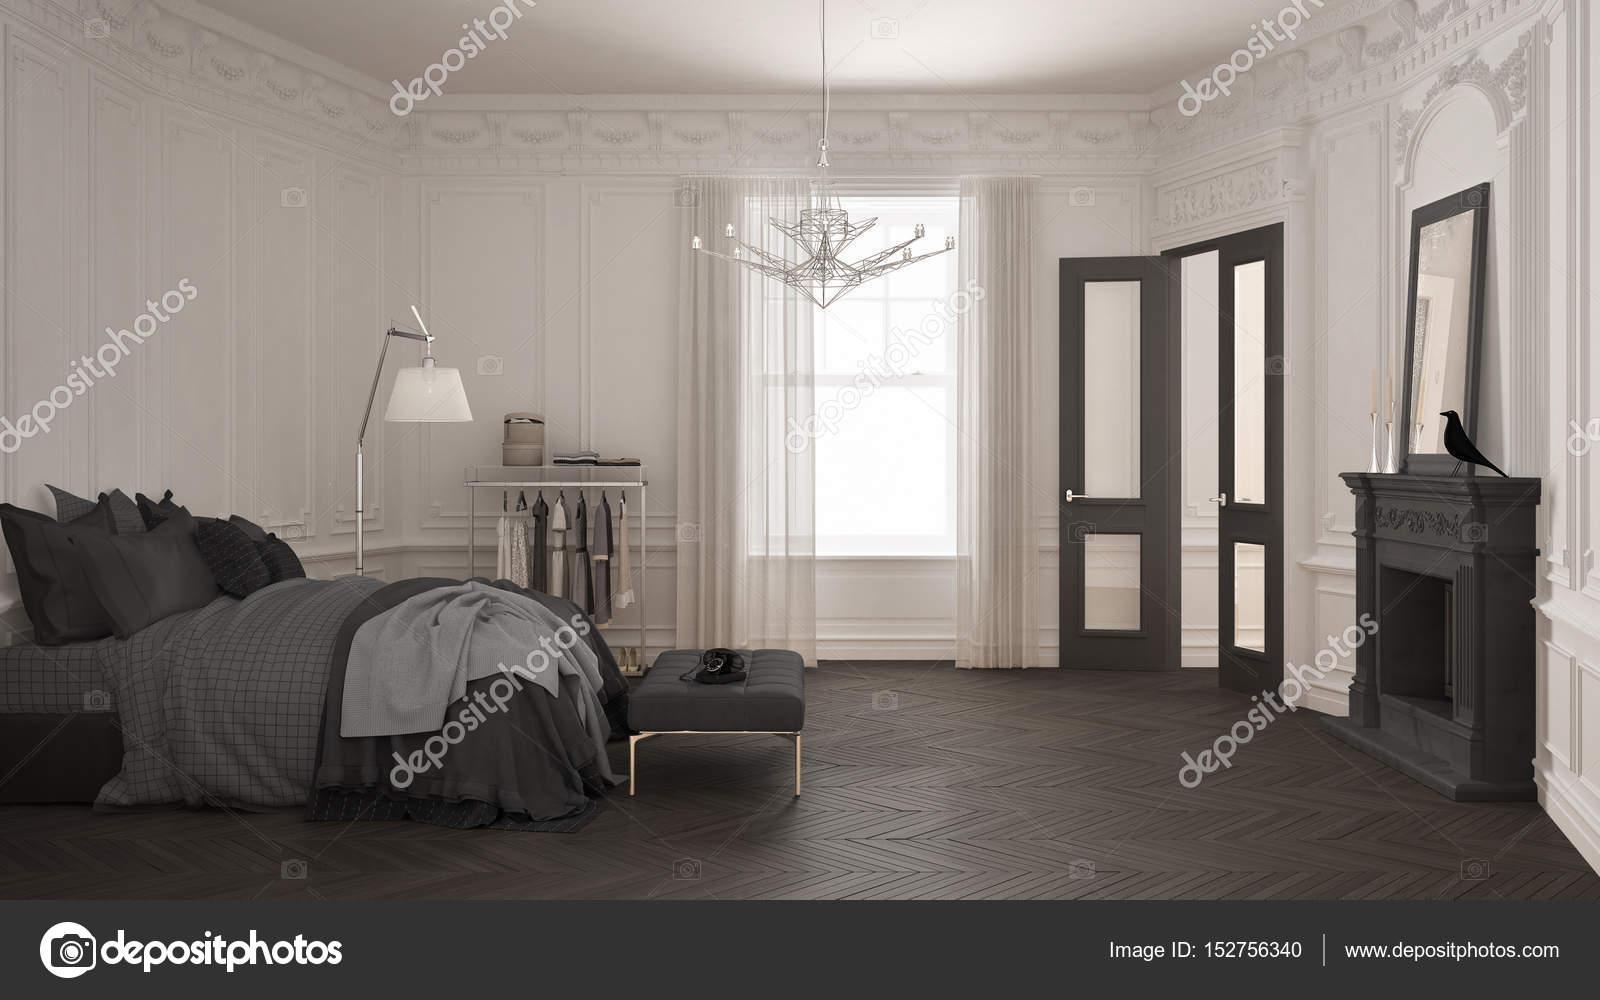 Chambre Scandinave Moderne Classique Vintage Salle De Séjour Avec Cheminée,  Décor Blanc Et Gris Luxe U2014 Image De ...